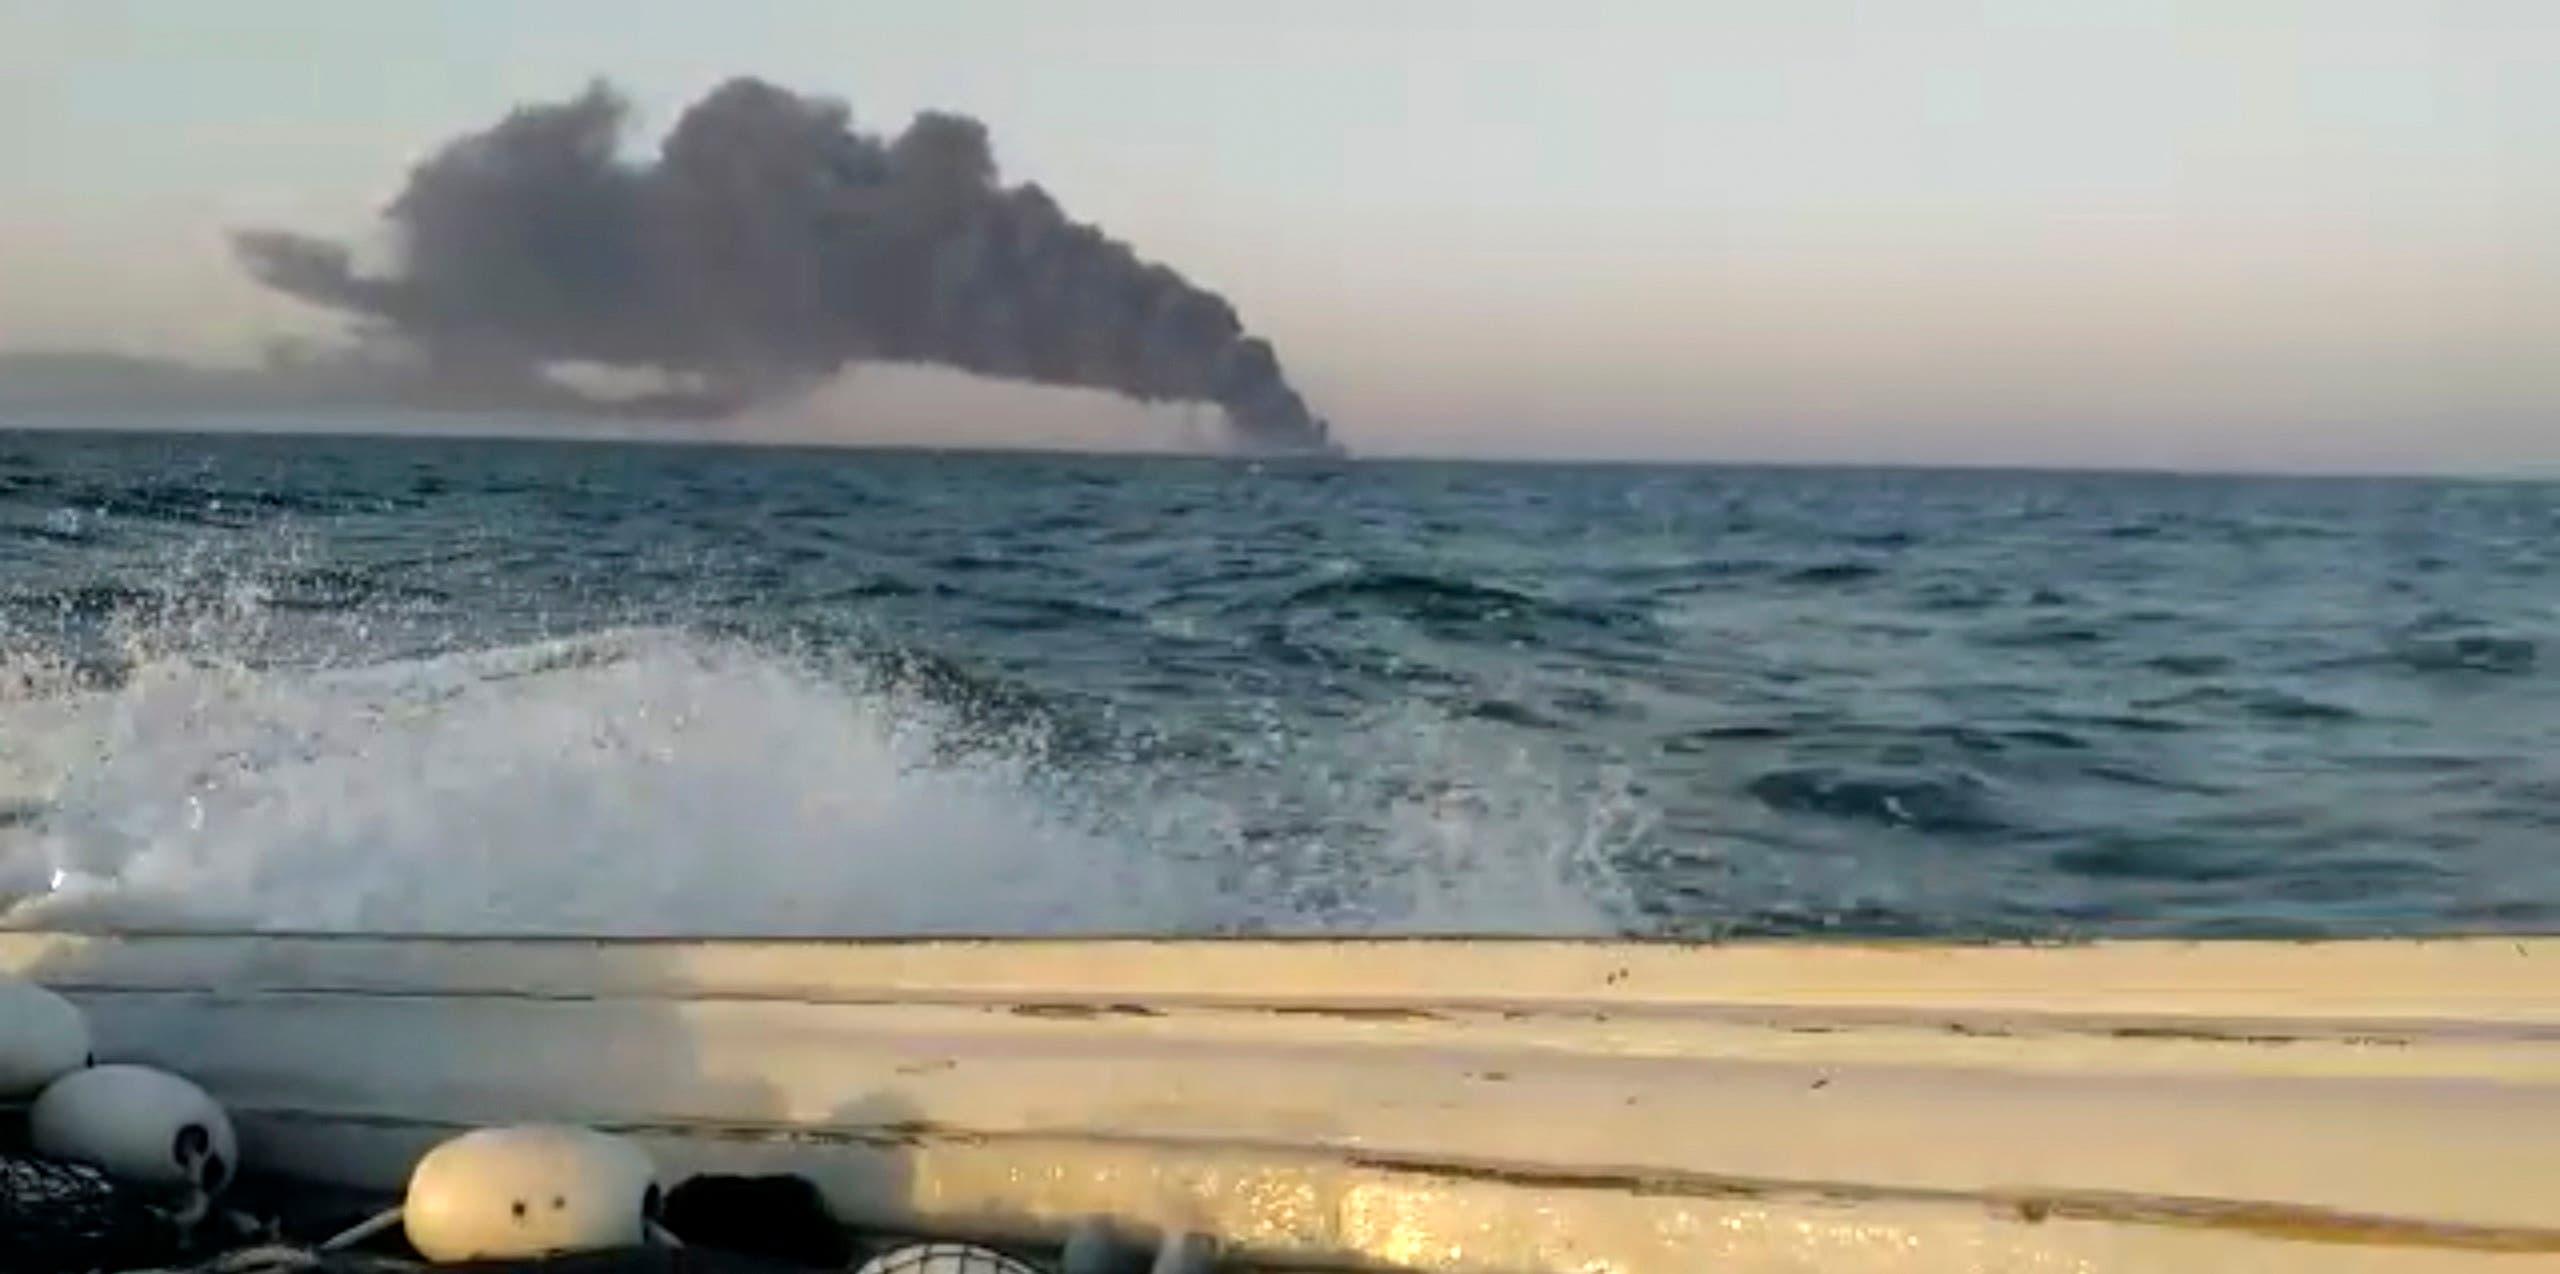 حادث على سفينة عسكرية إيرانية في خليج عمان في يونيو الماضي